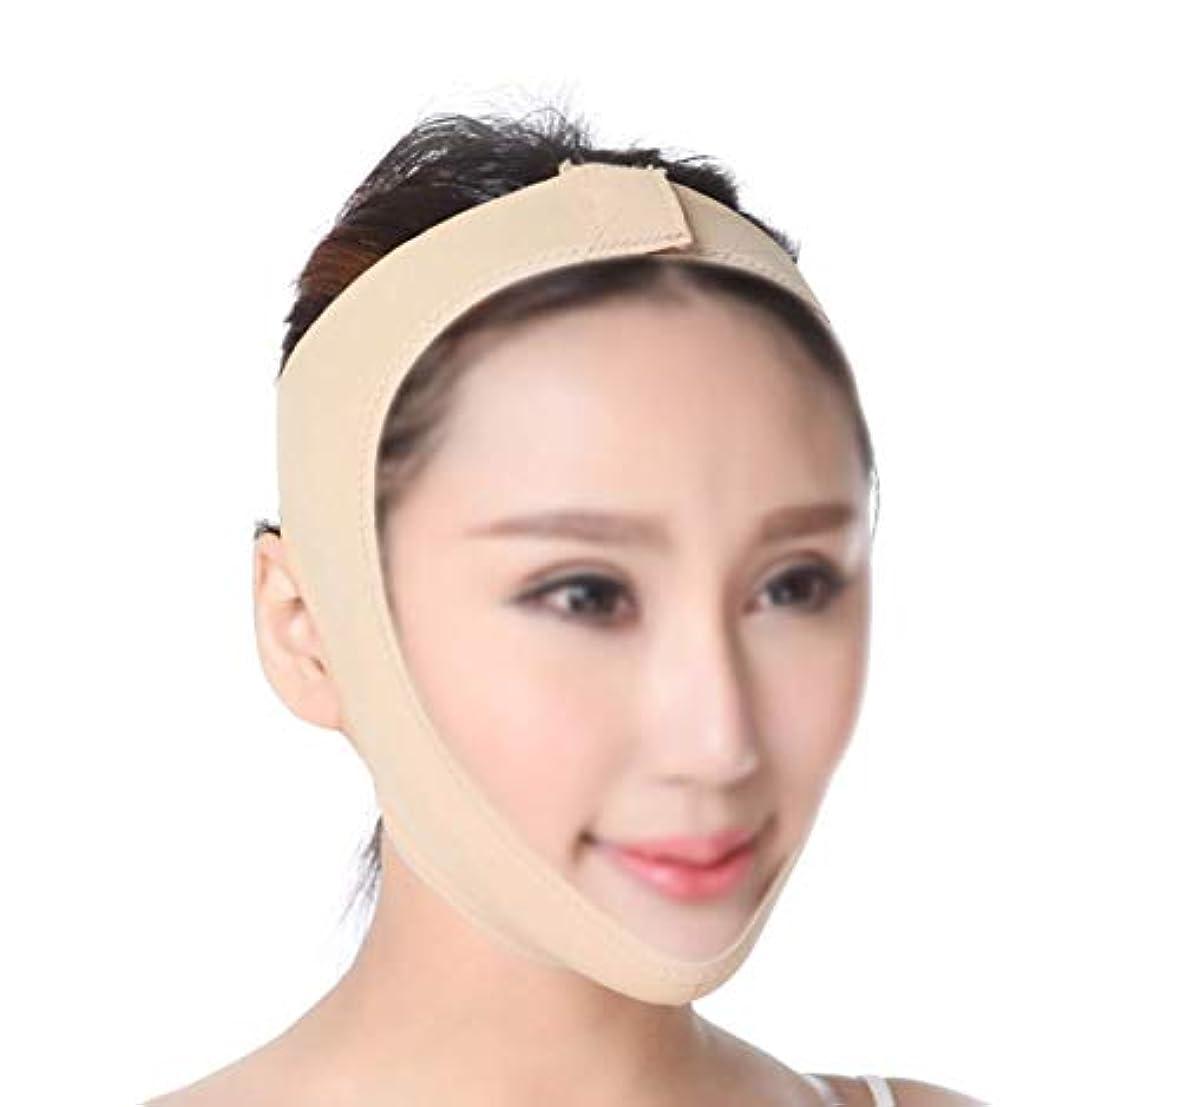 ポーズひばり注釈フェイスリフティング包帯、フェイシャル減量しわ防止ケアフェイスが肌を引き締め、効果的にダブルチンを改善し、V字型の顔になります(サイズ:XL)